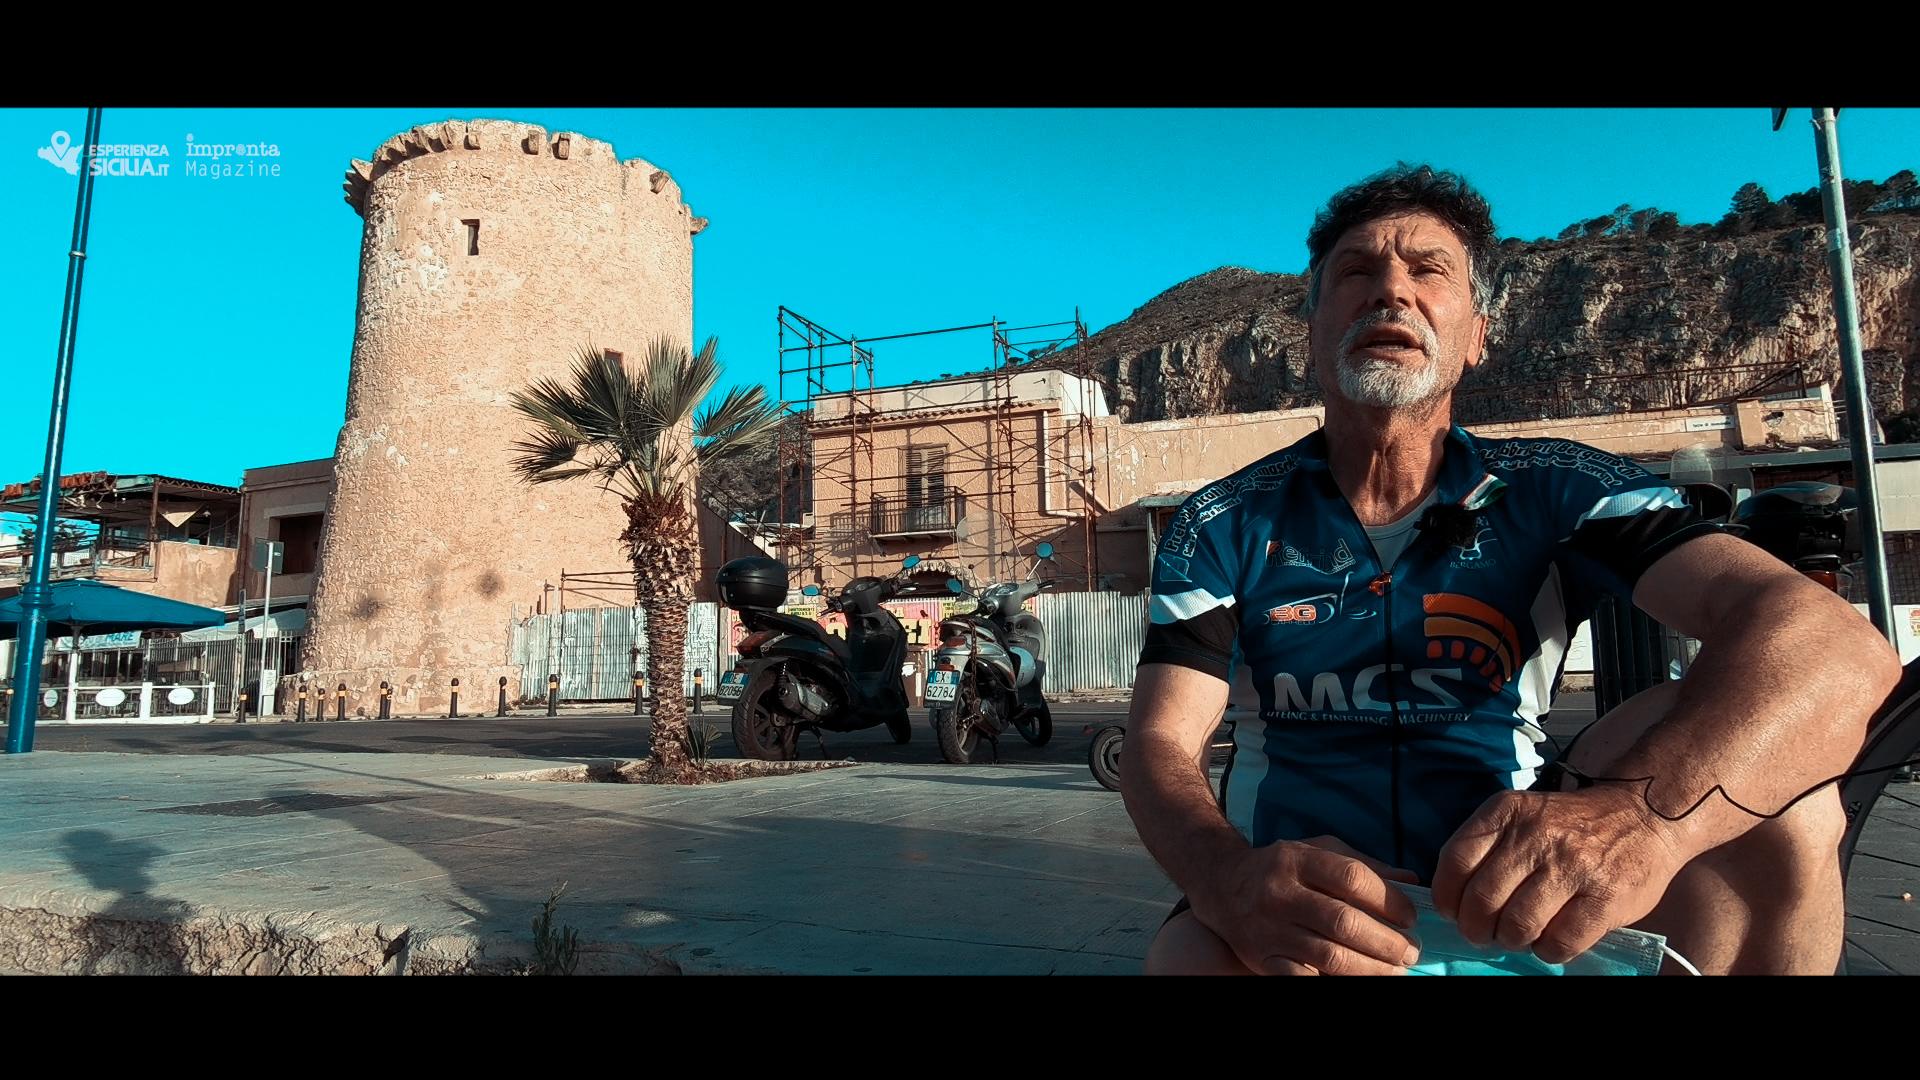 Un sognatore su due ruote. Intervista a Ugo Ghilardi - L'Andata